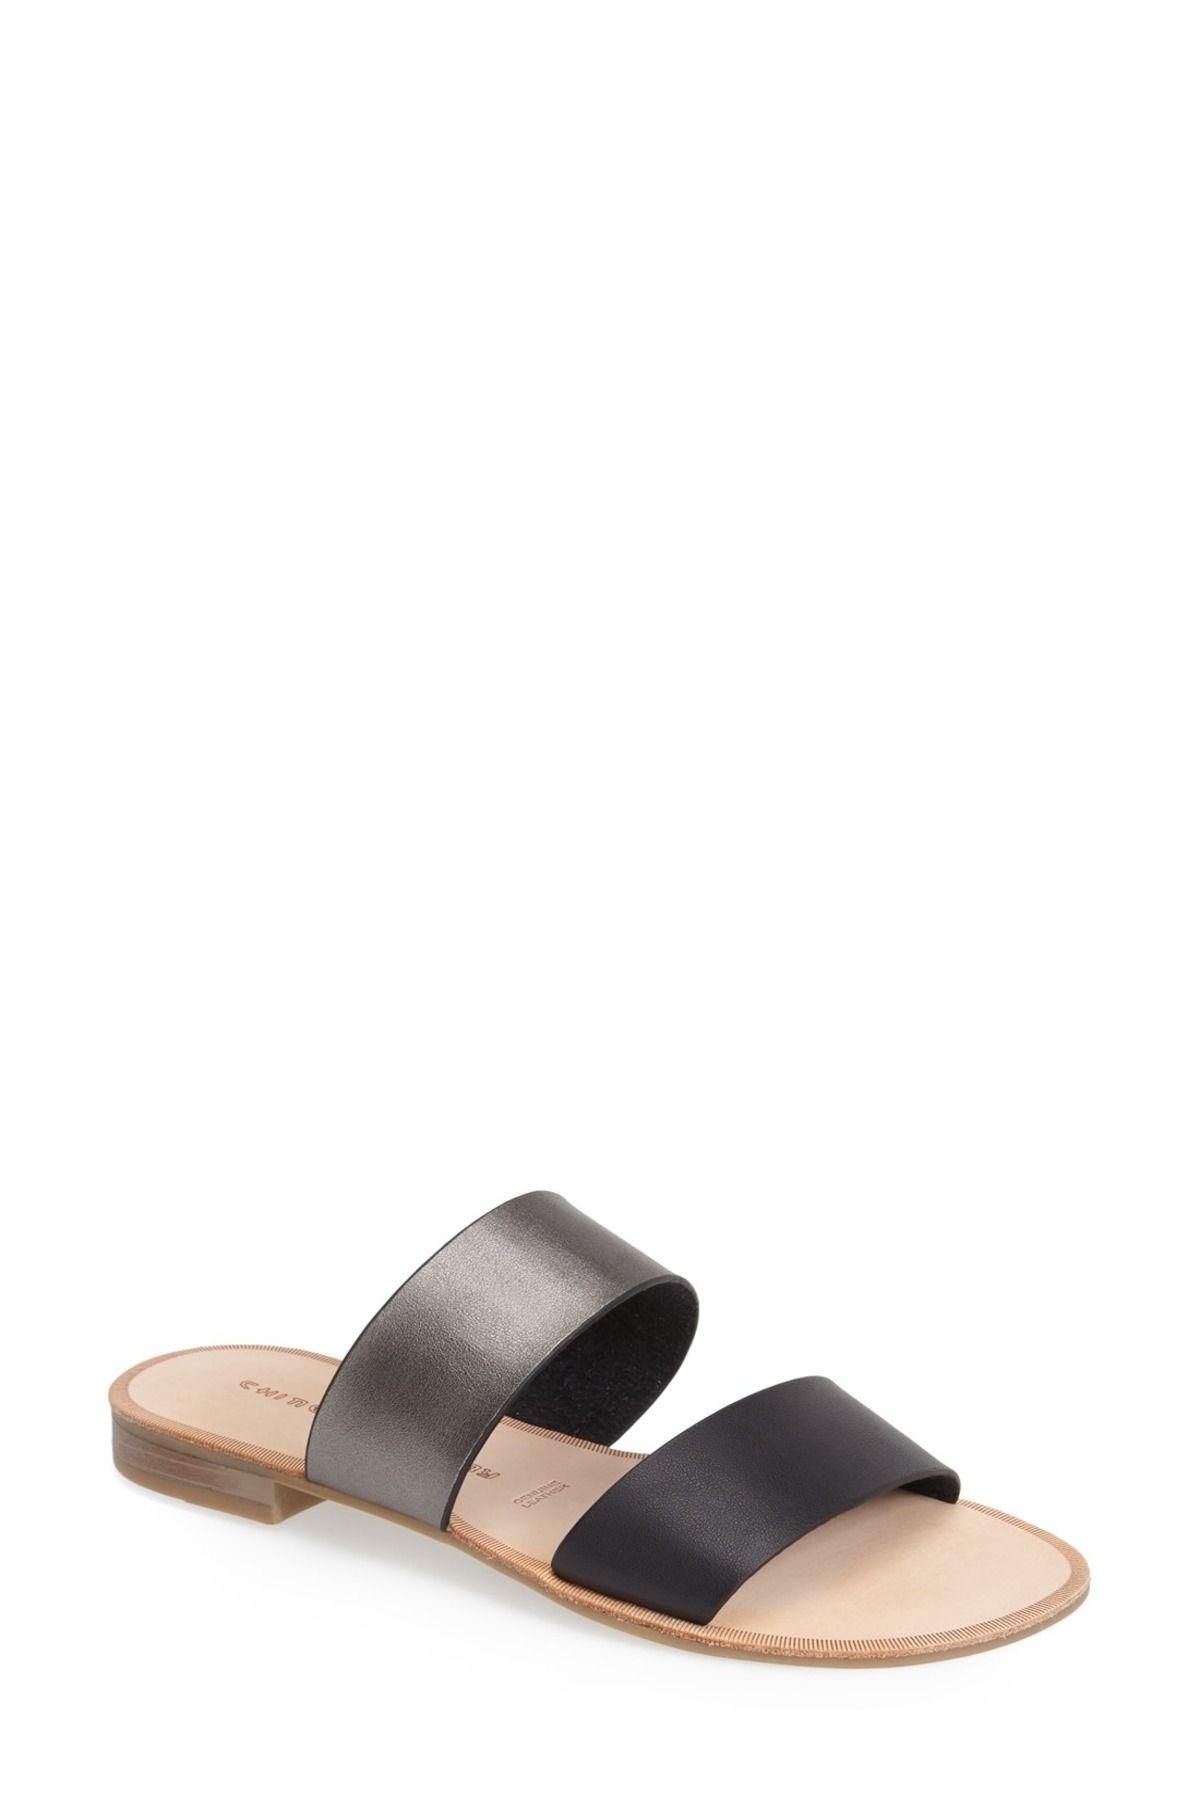 b156cc6cb0a9 Gimme faux double strap slide sandal slide sandals free shipping jpg  1200x1800 Two straps slides women